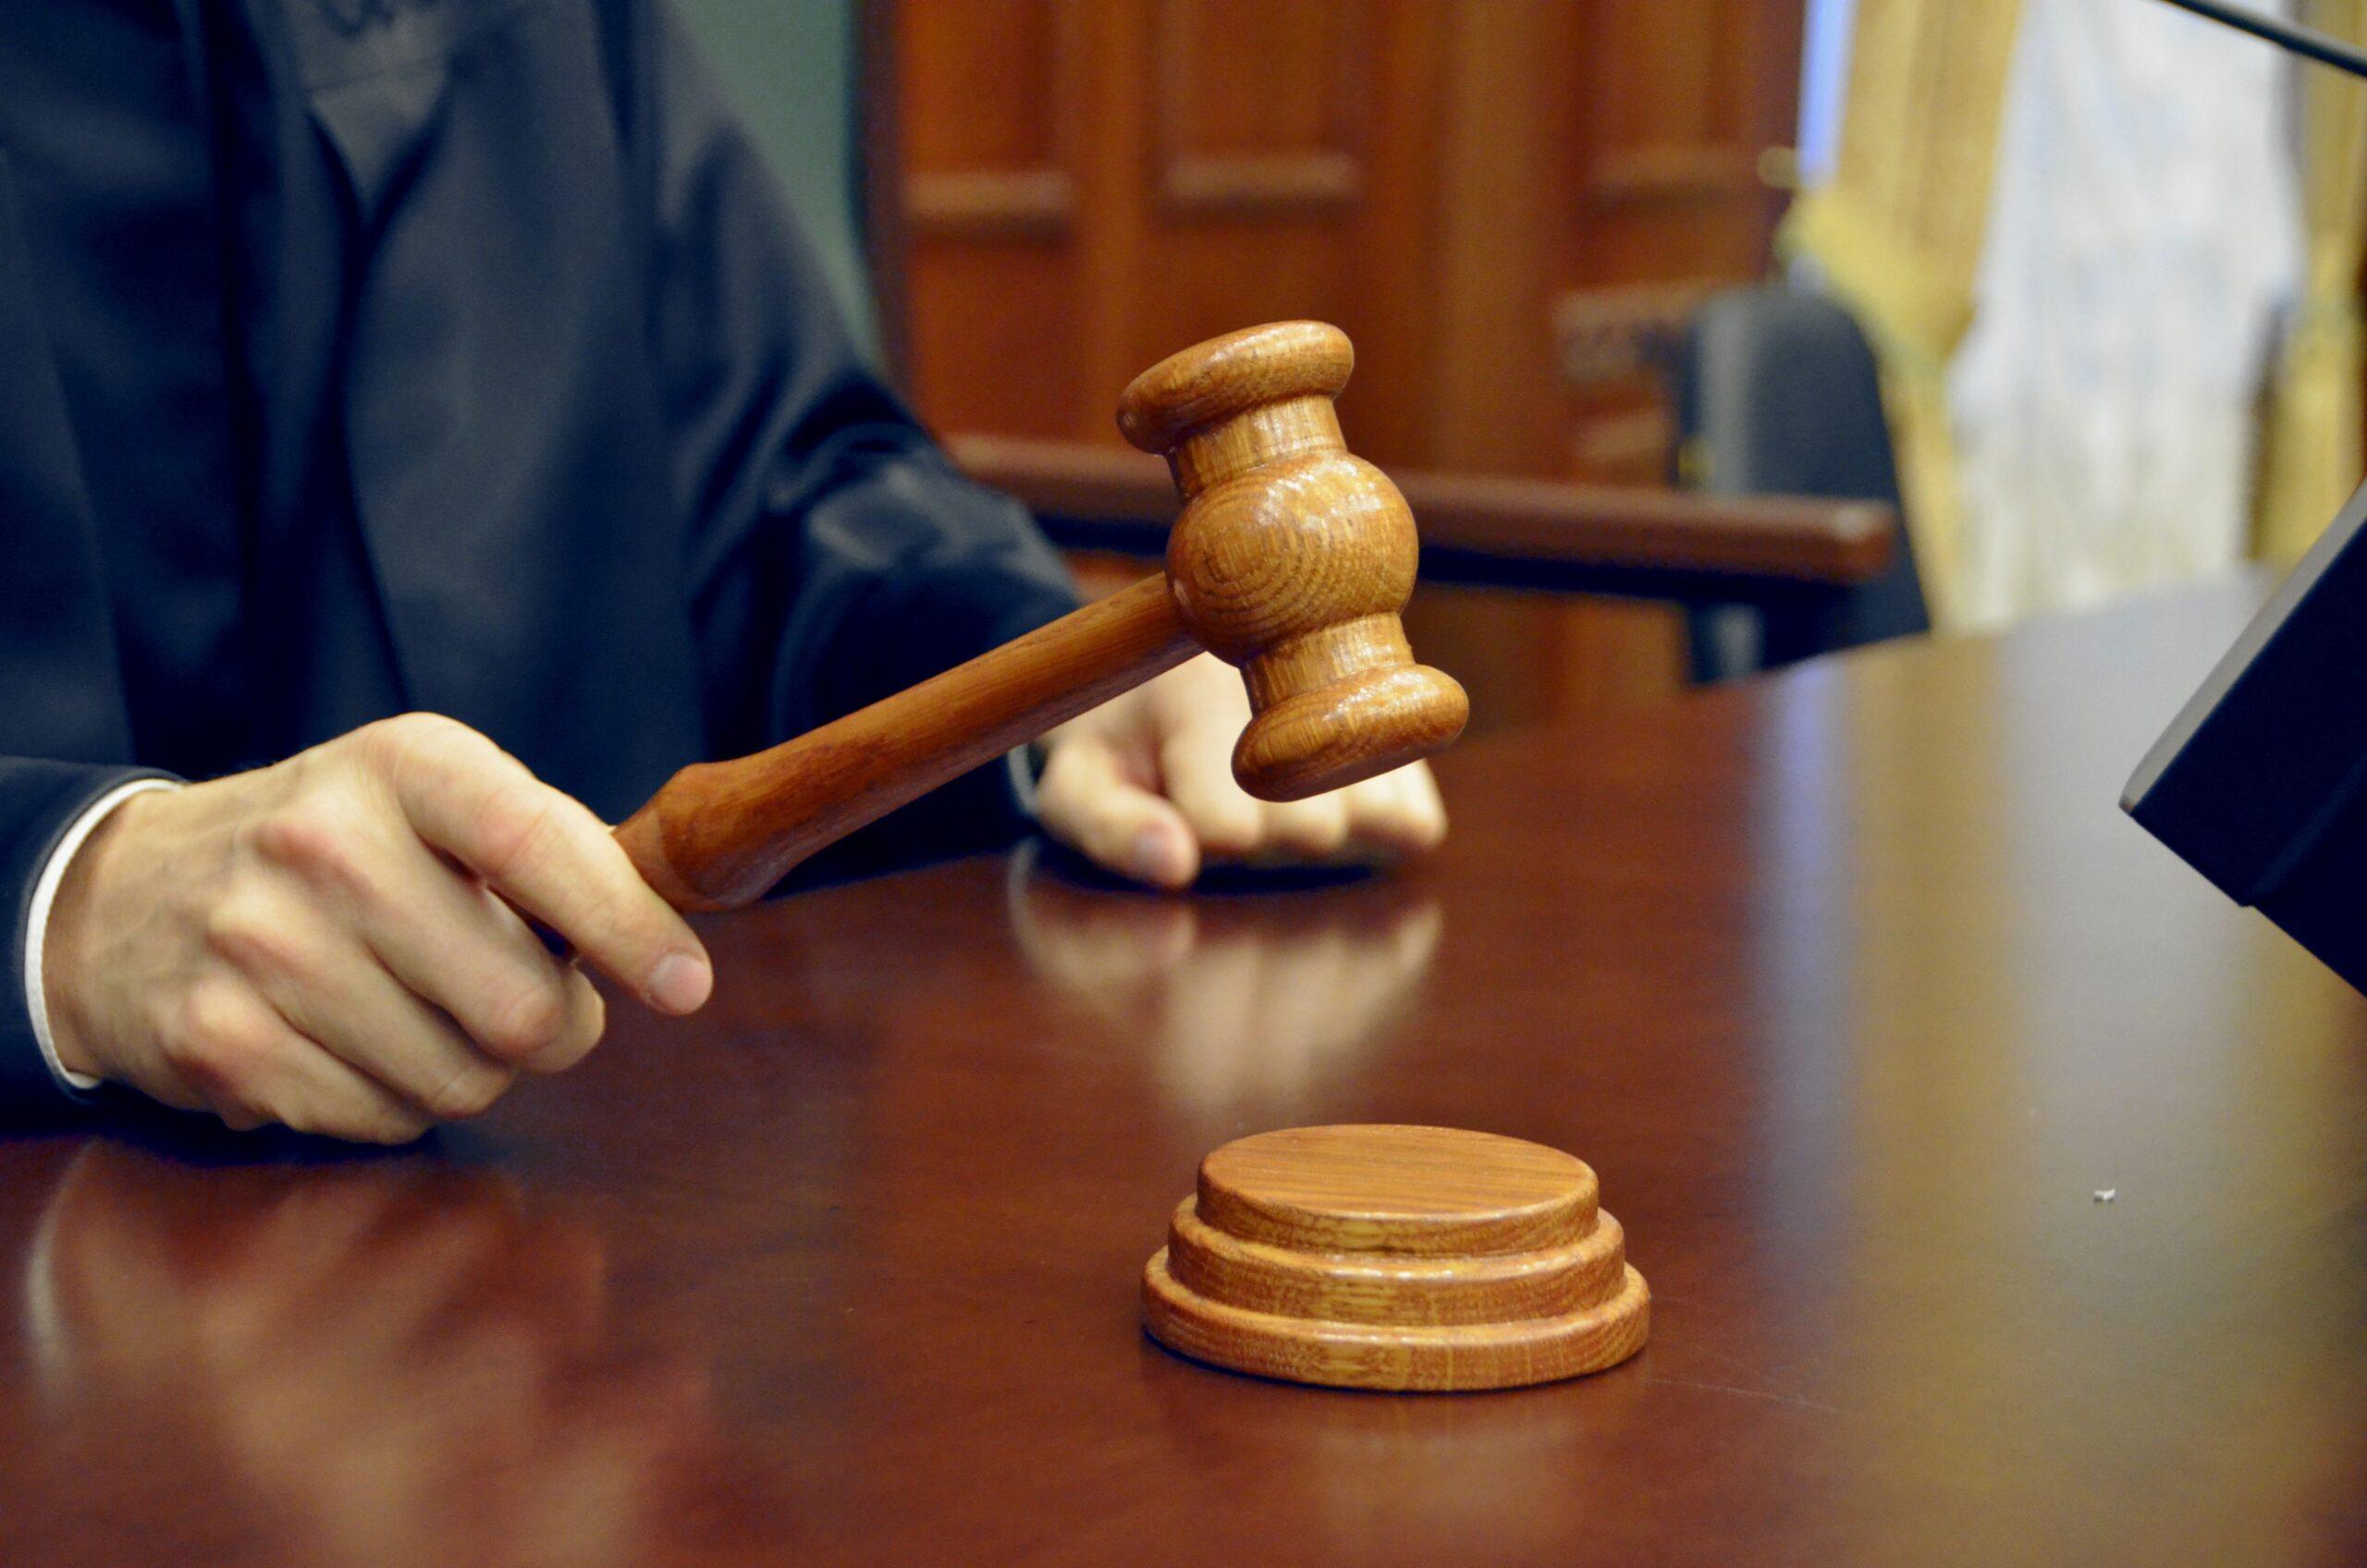 Суд прекратил преследование хирурга за смерть 11-летнего пациента за истечением срока давности